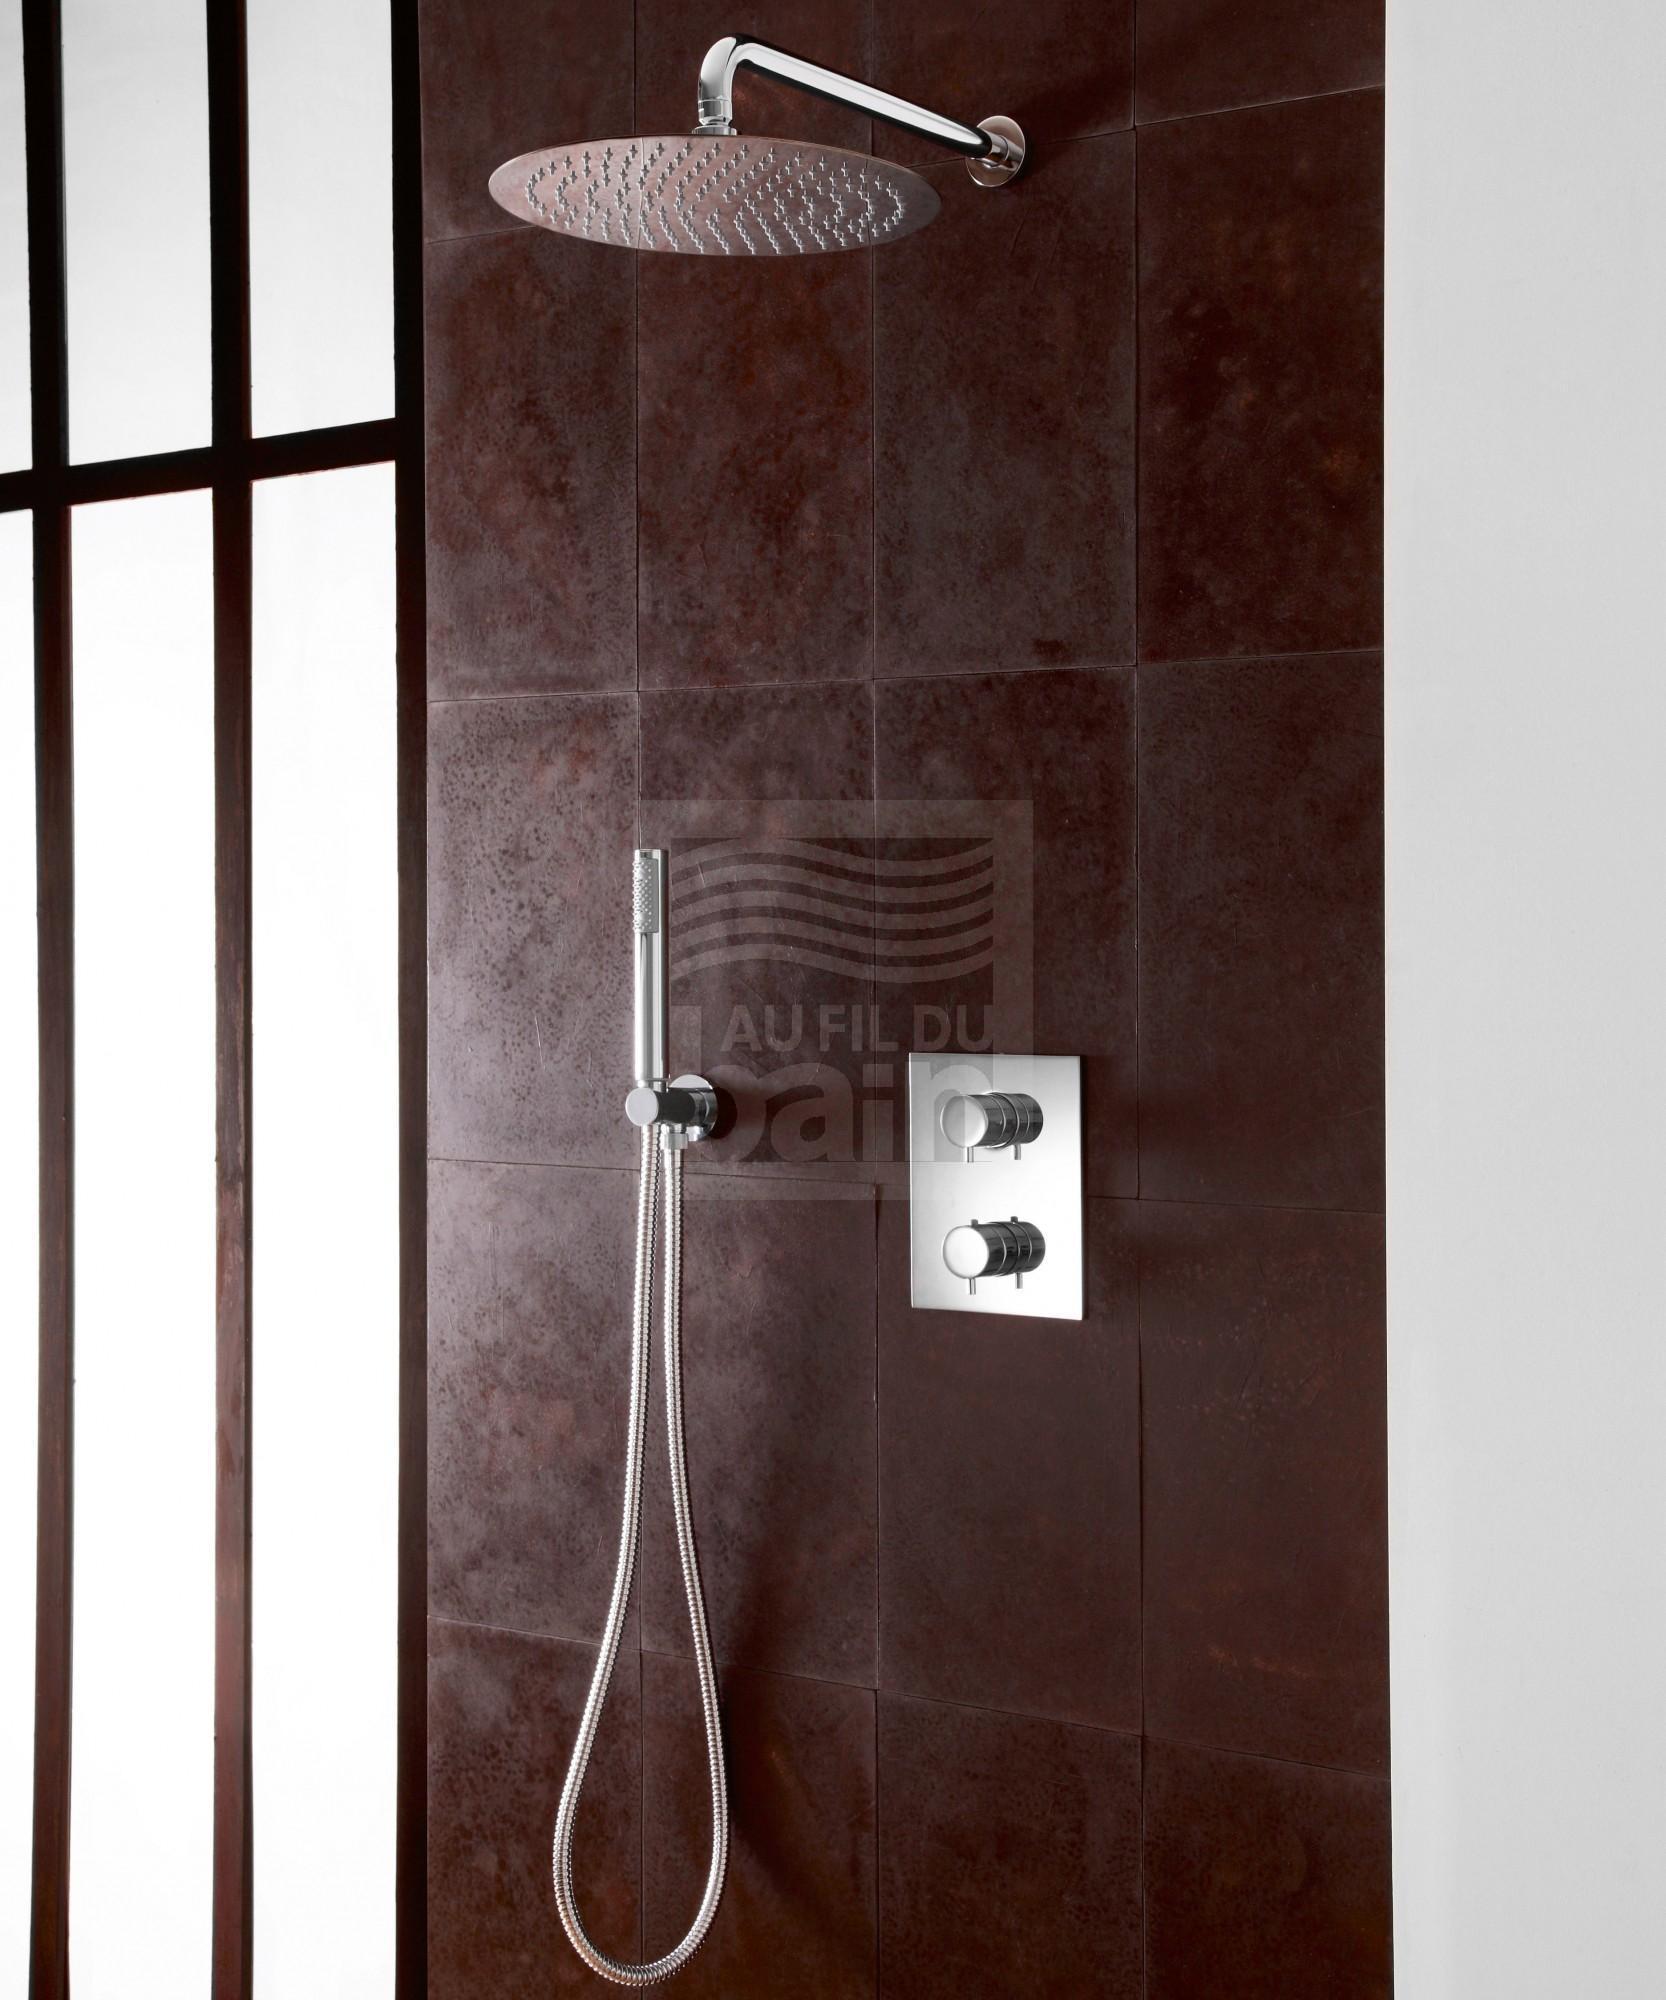 Ensembles de douche encastres magasin pour vente de - Ensemble robinetterie salle de bain ...